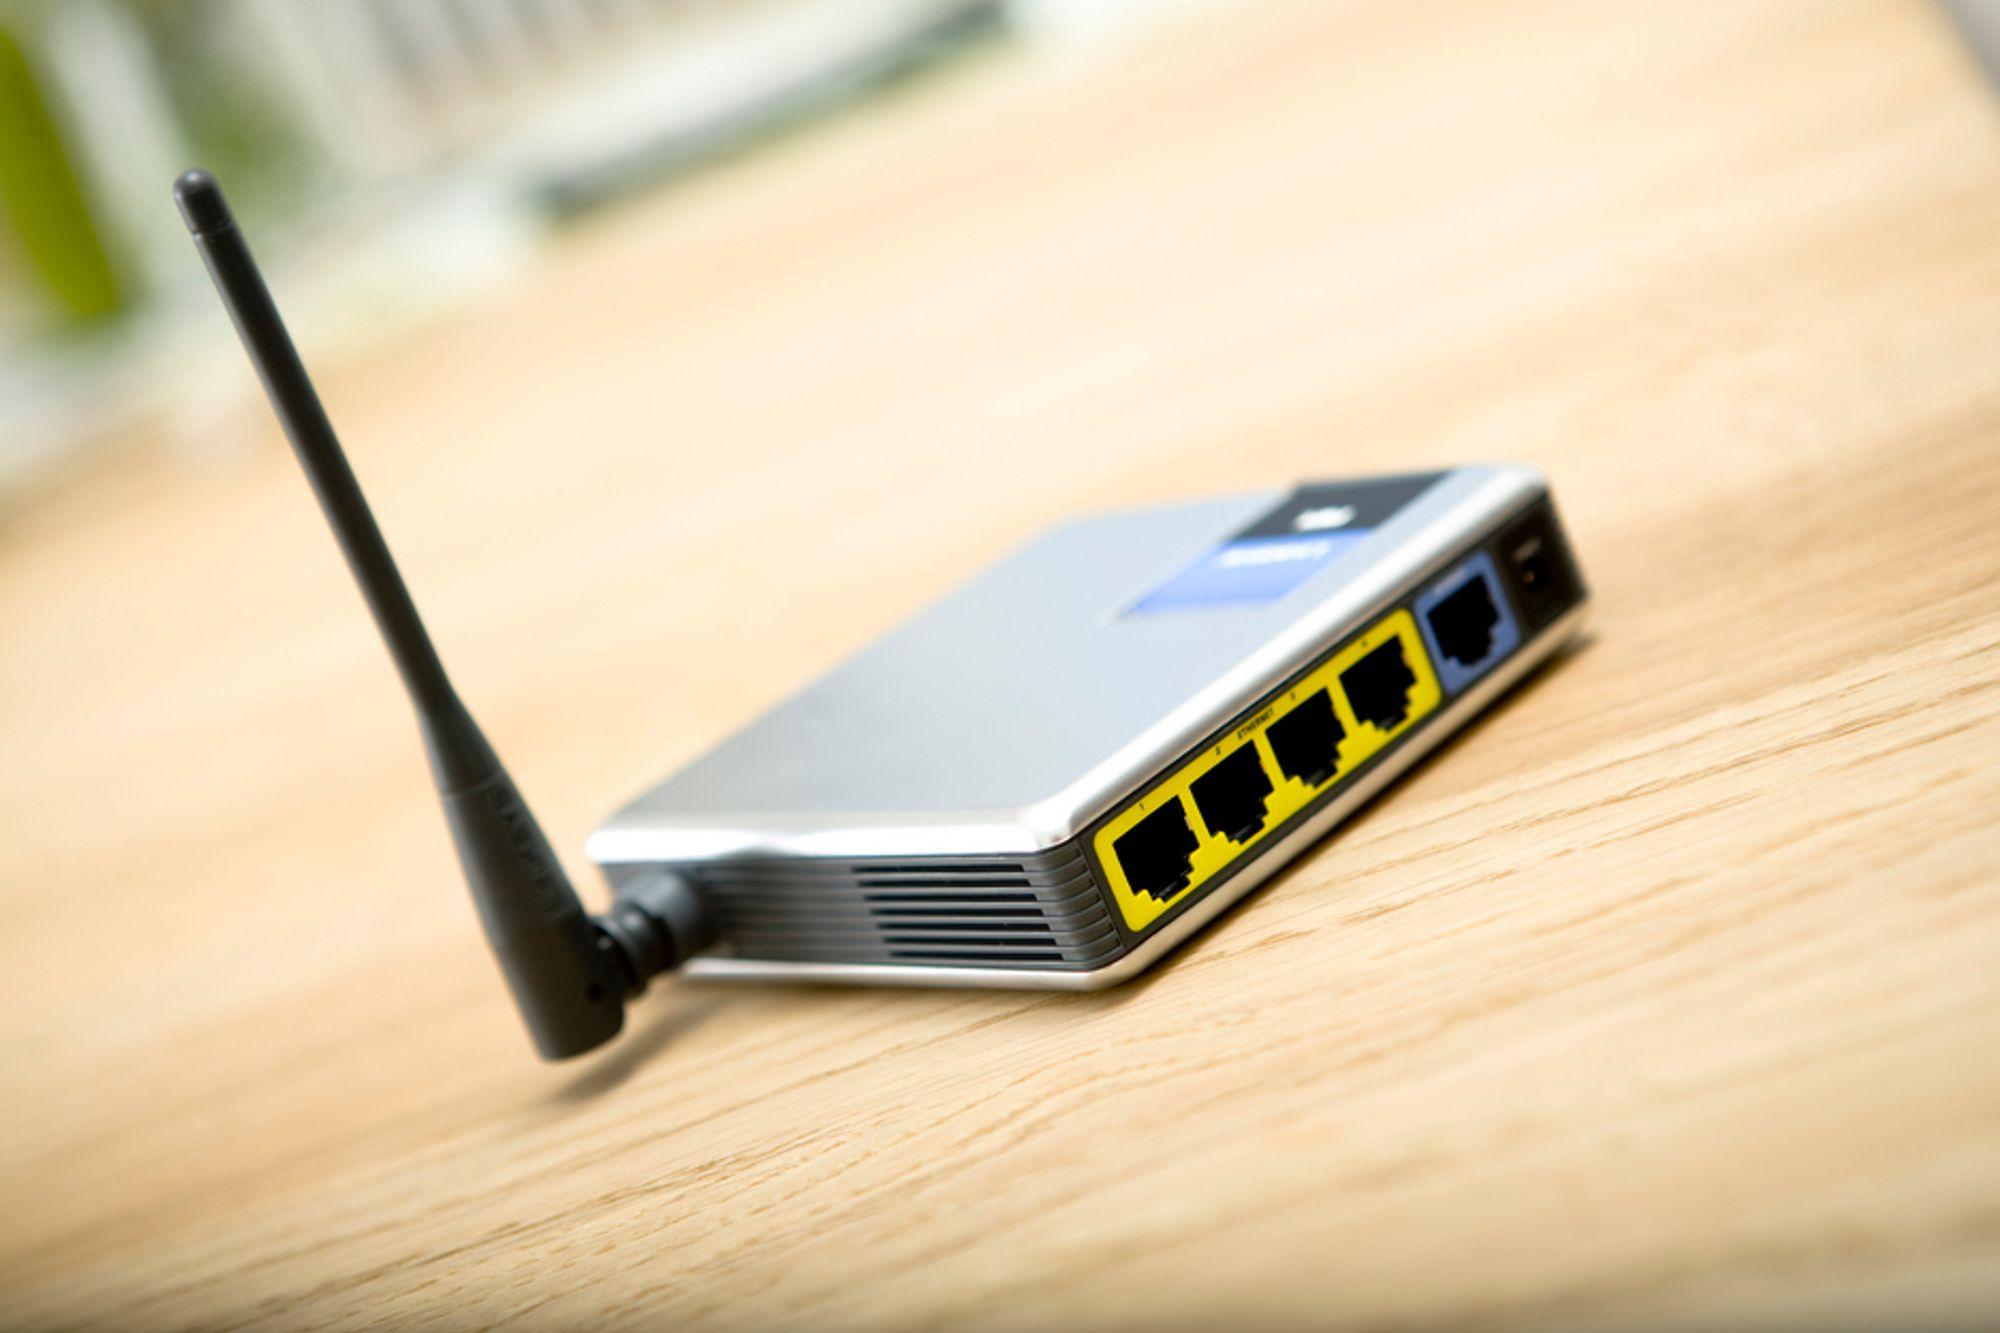 Usikker. Trådløs datatrafikk er blitt mindre trygg etter at en utbredt kryptering er knekt.